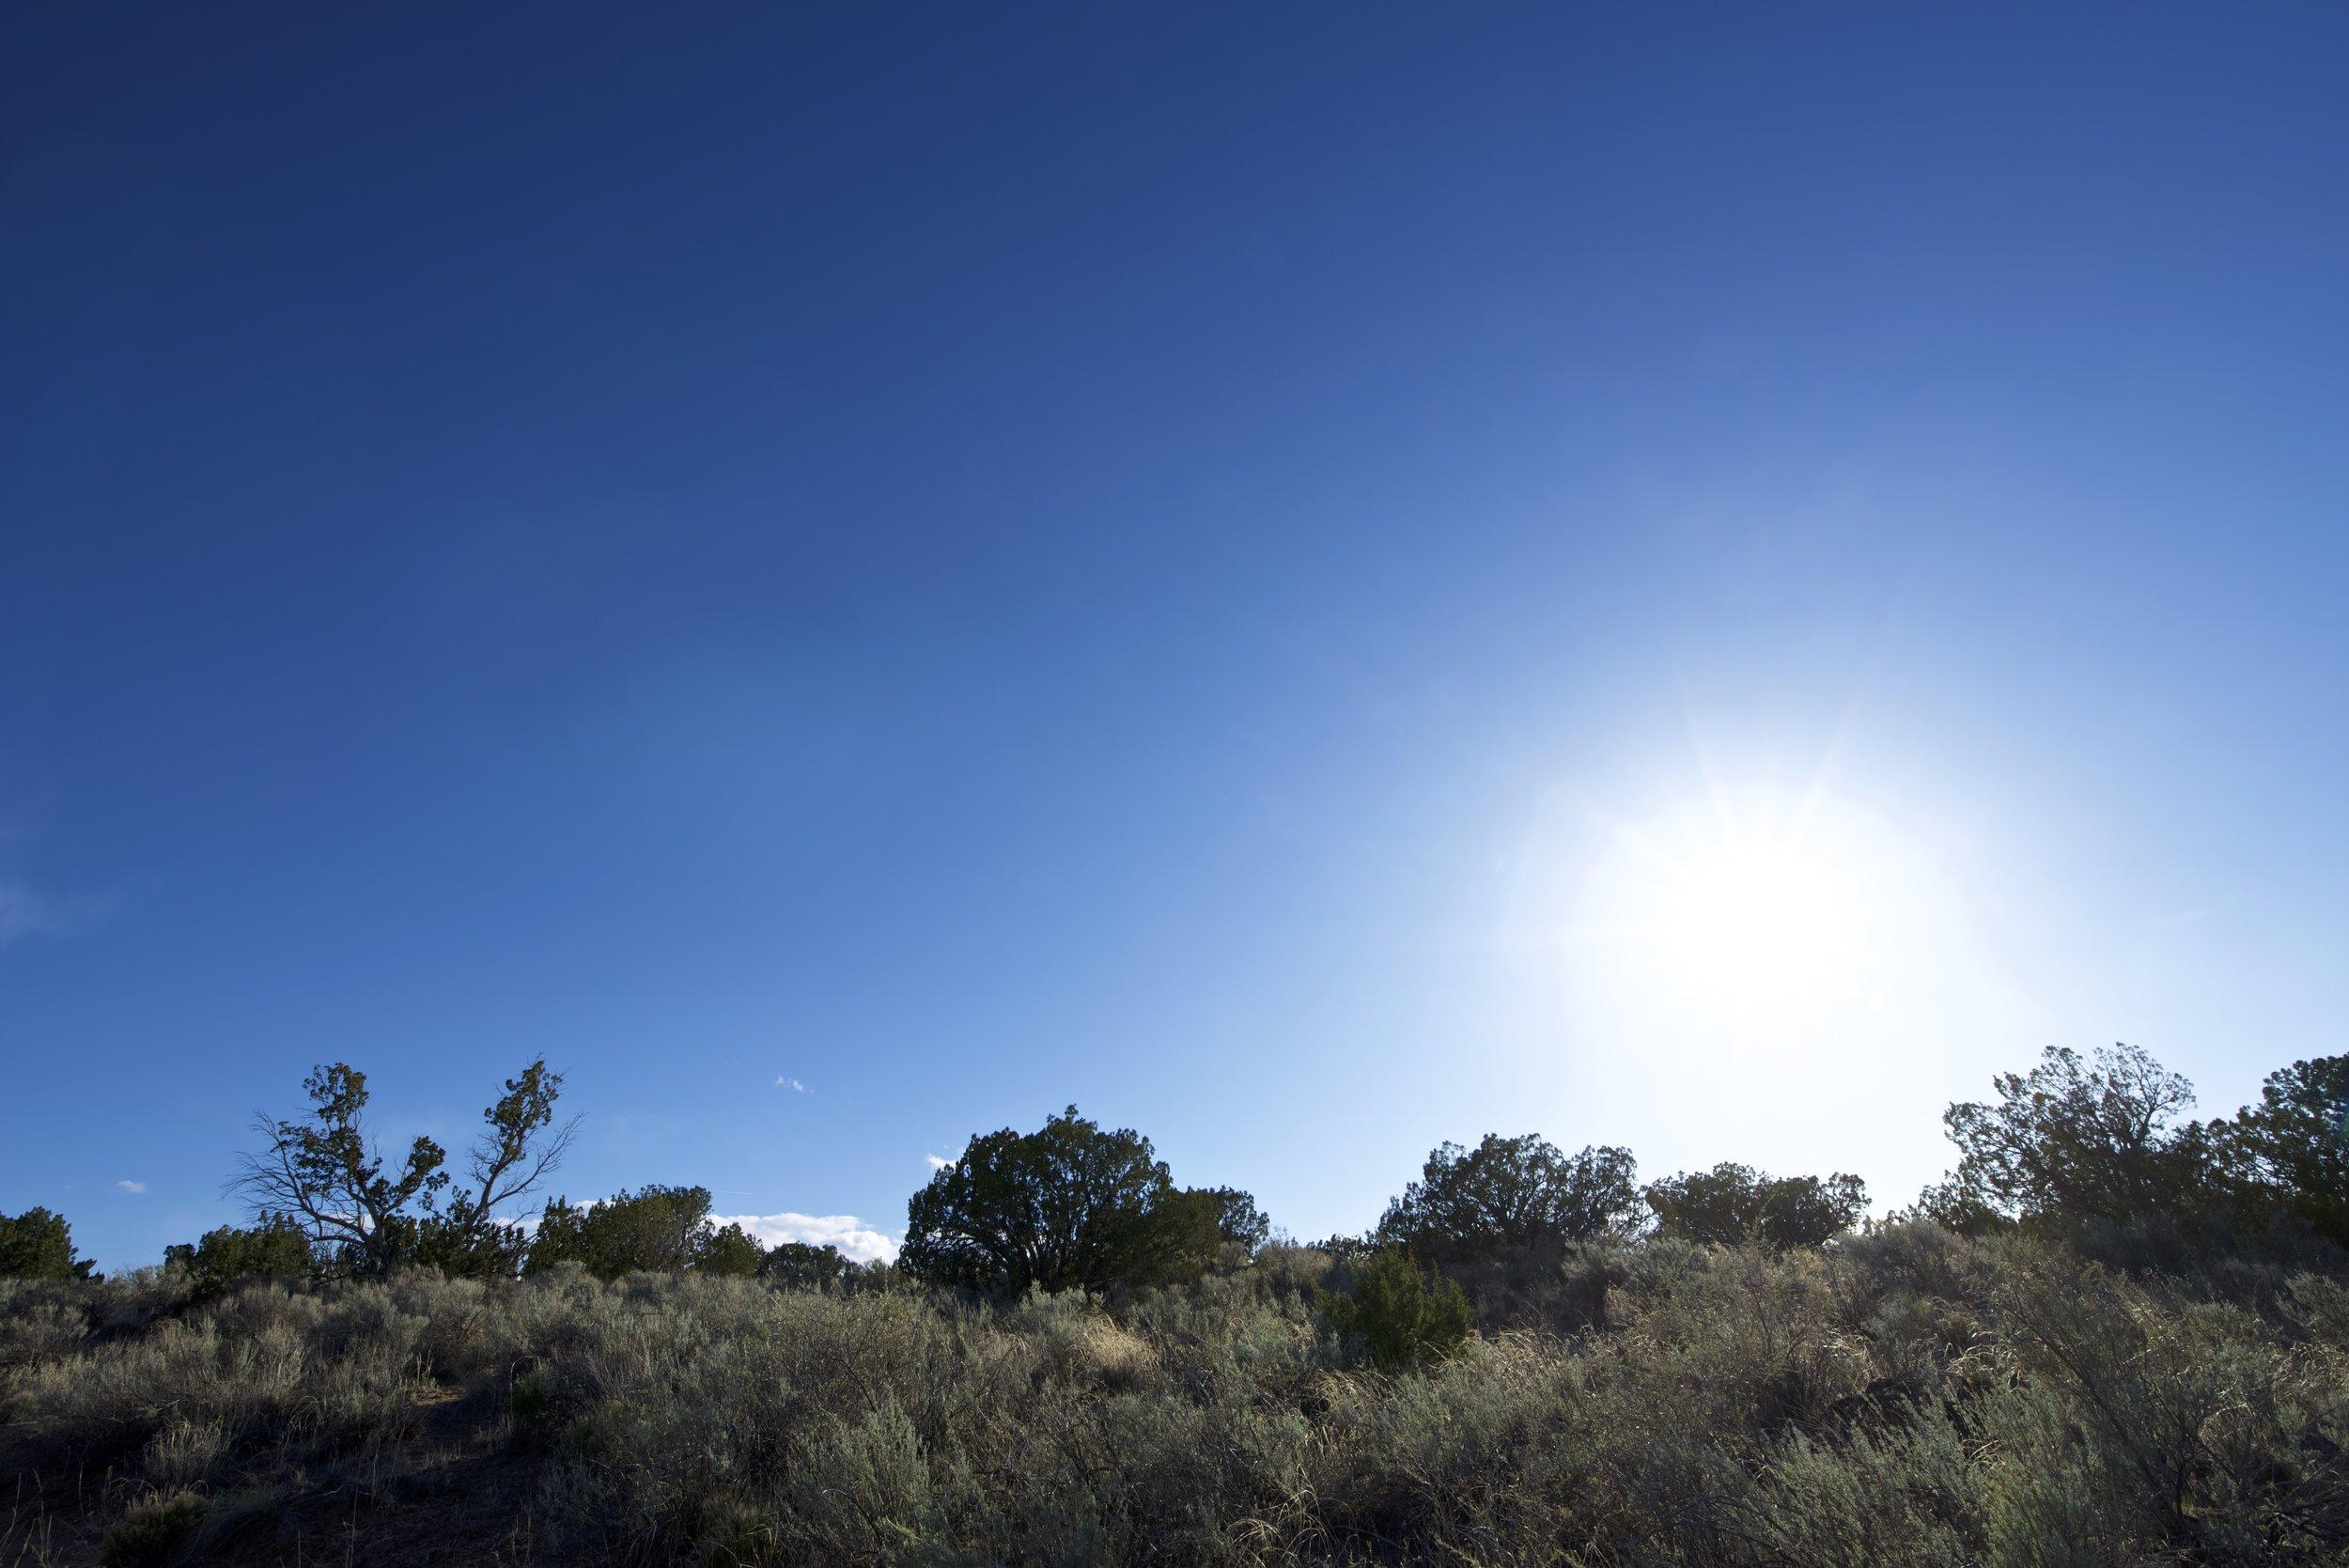 SNNM-2231-rio-rancho-125668.jpg